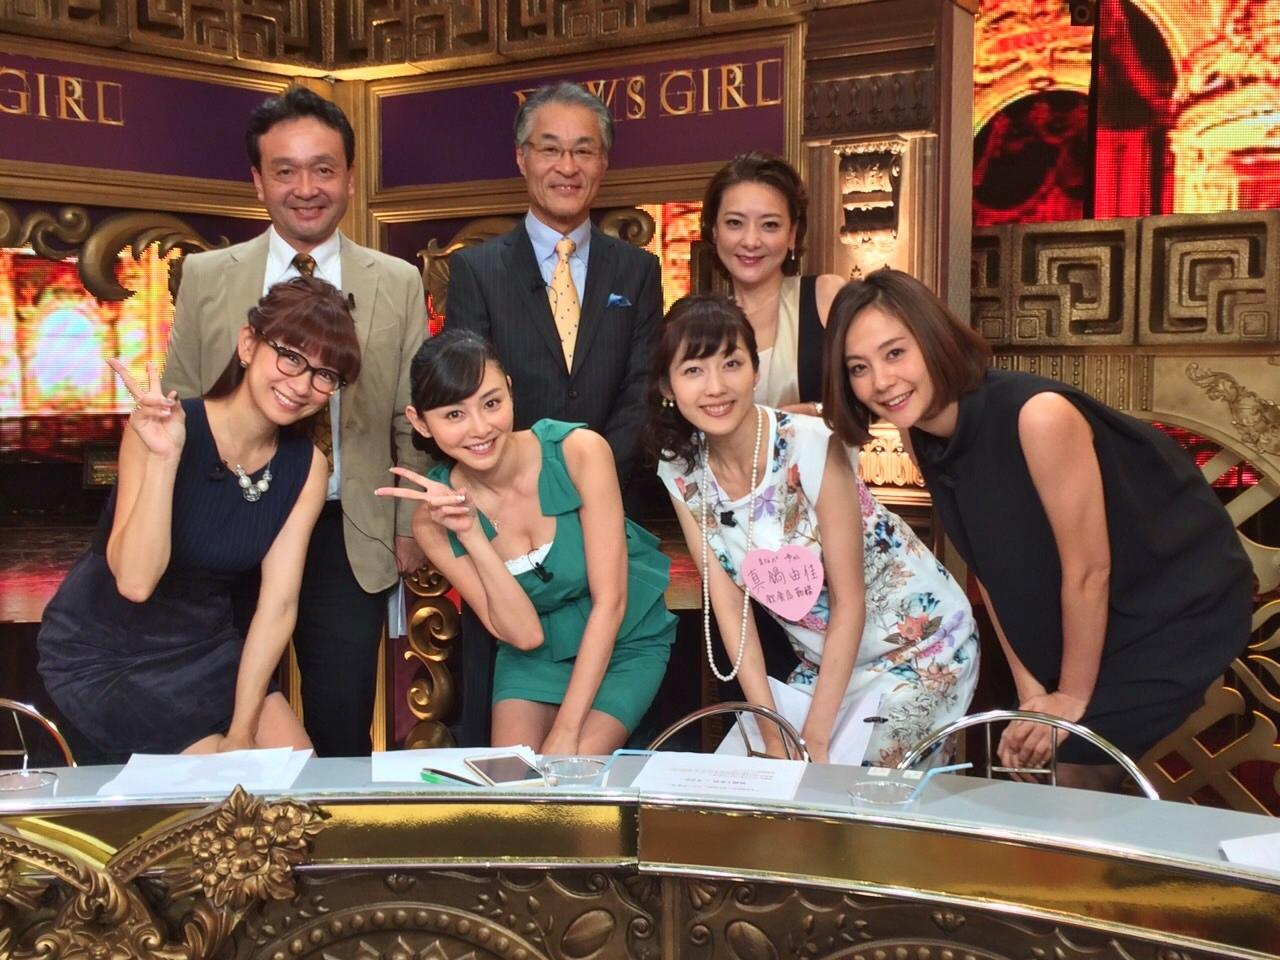 ニュース女子 の動画サイト - jpnews-video.com